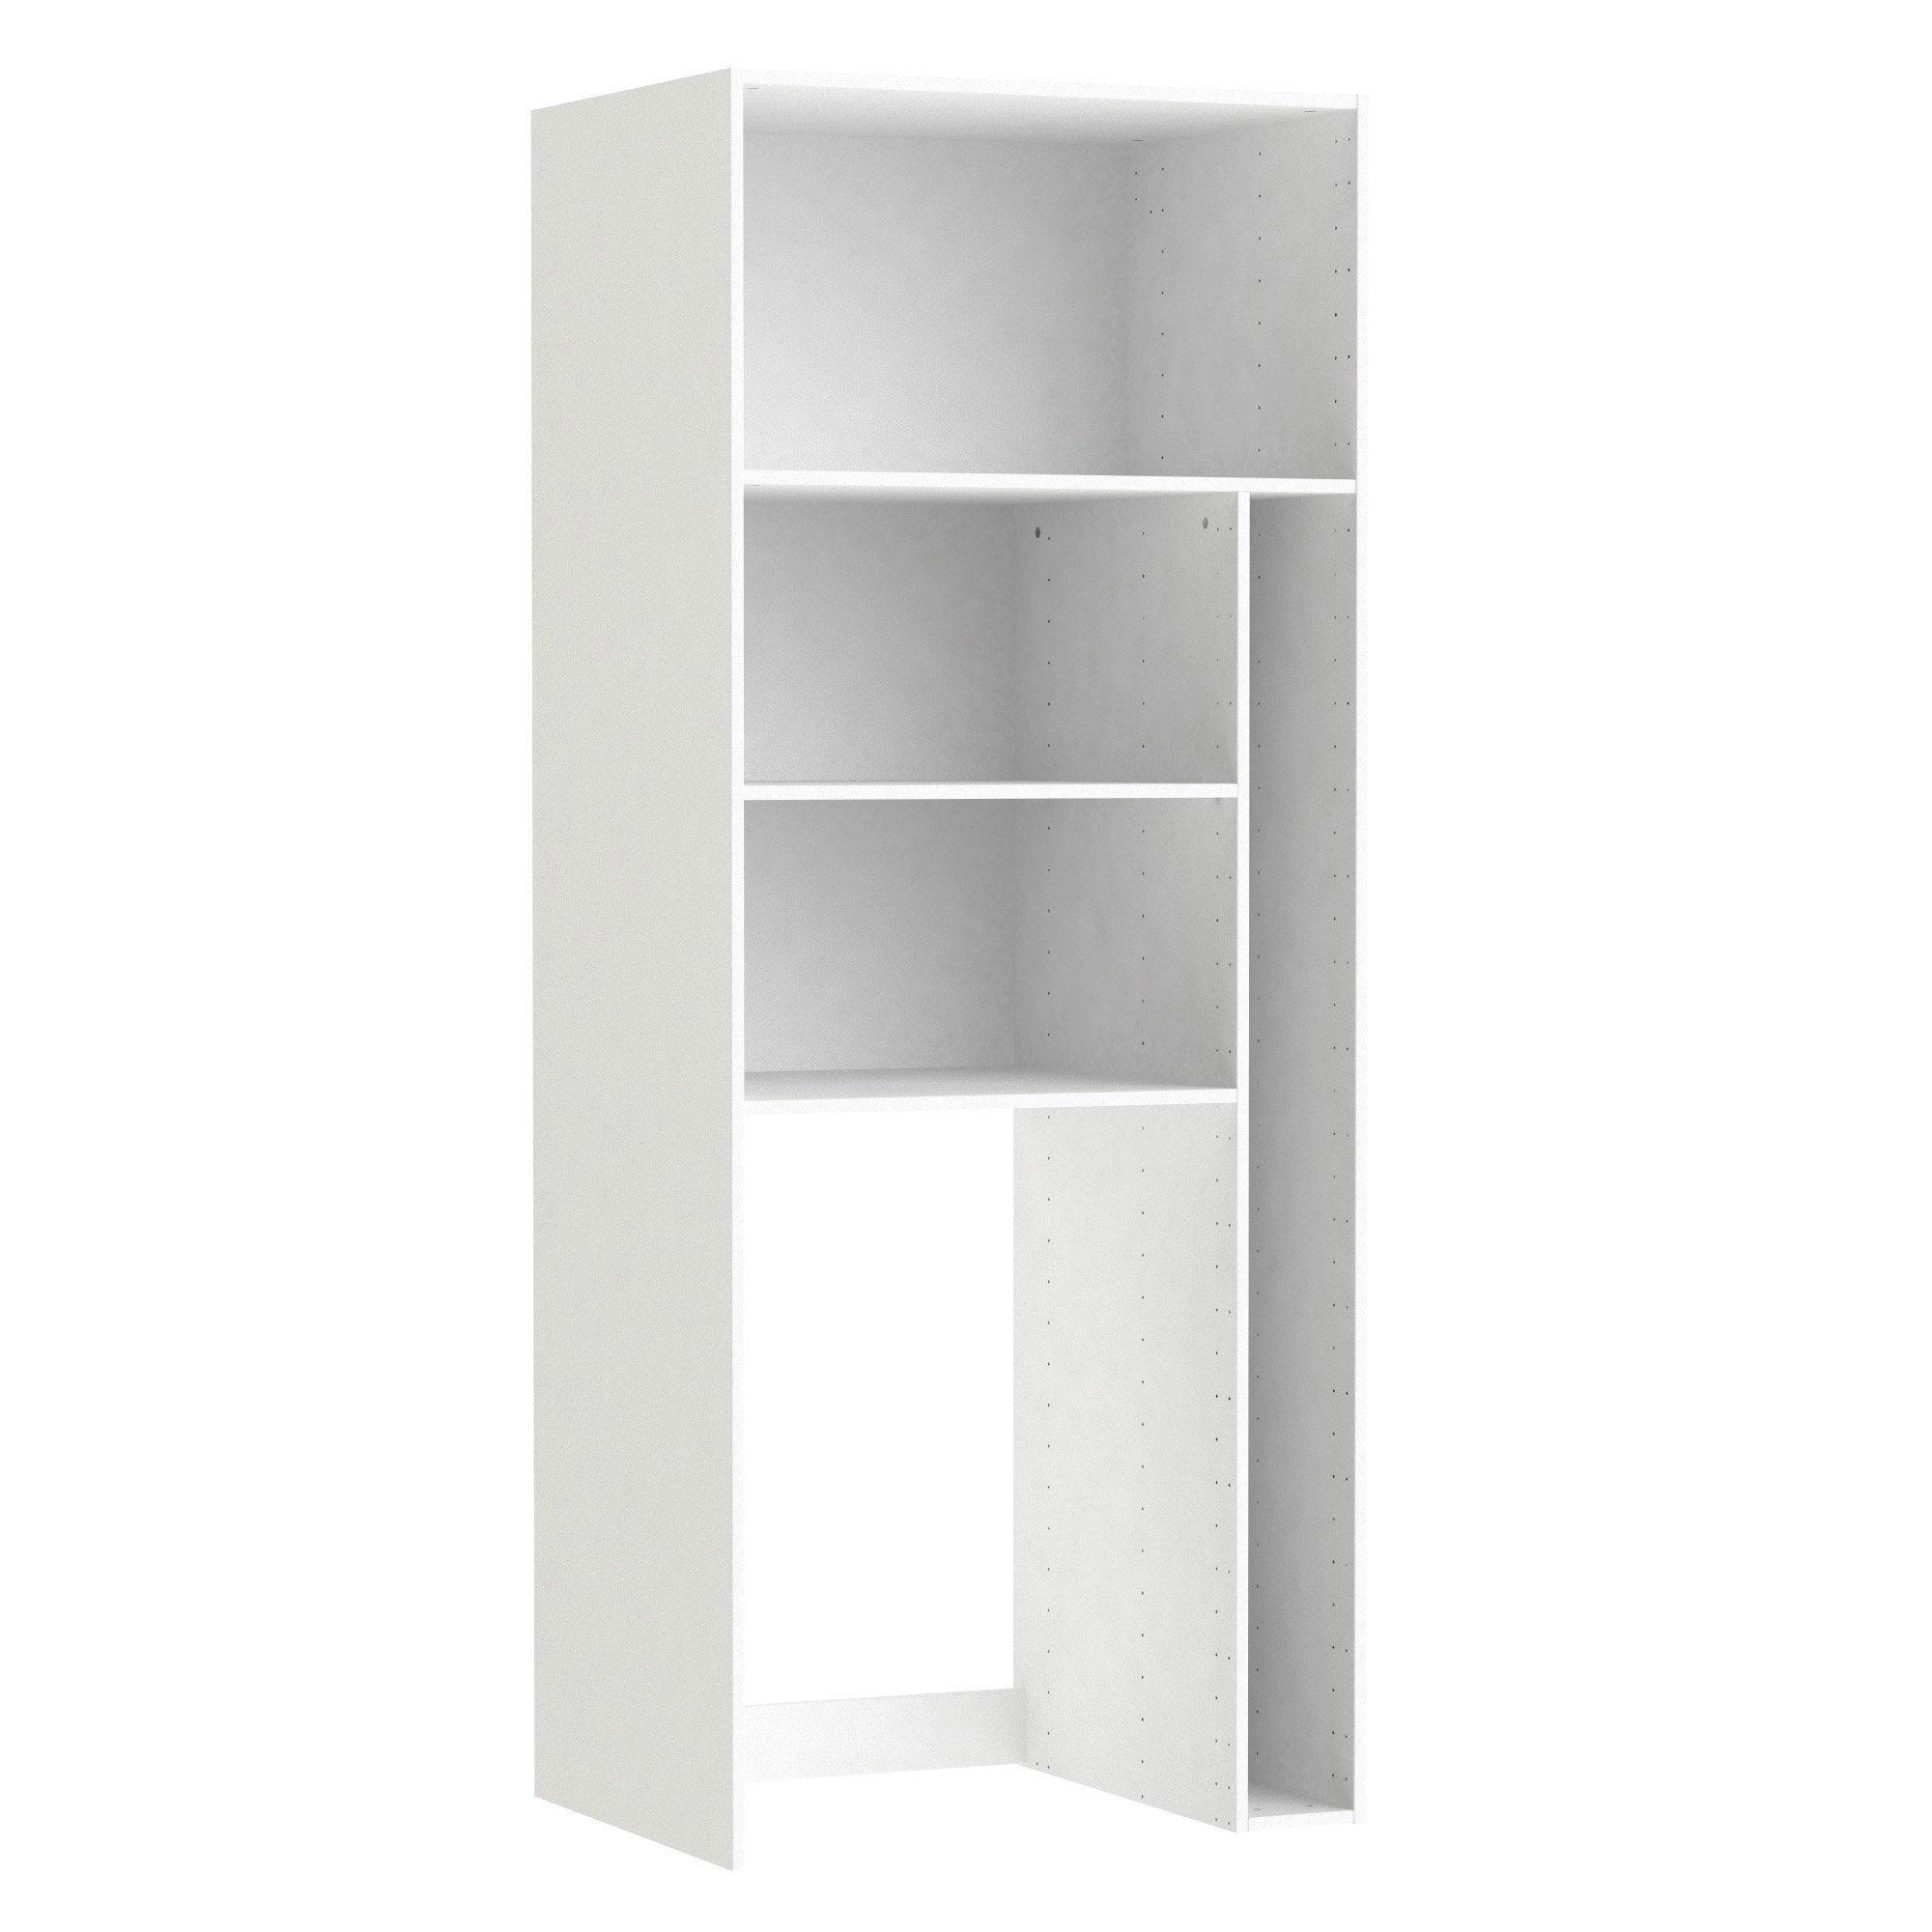 Cache Machine A Laver caisson spaceo home, blanc h.200 x l.80 x p.60 cm